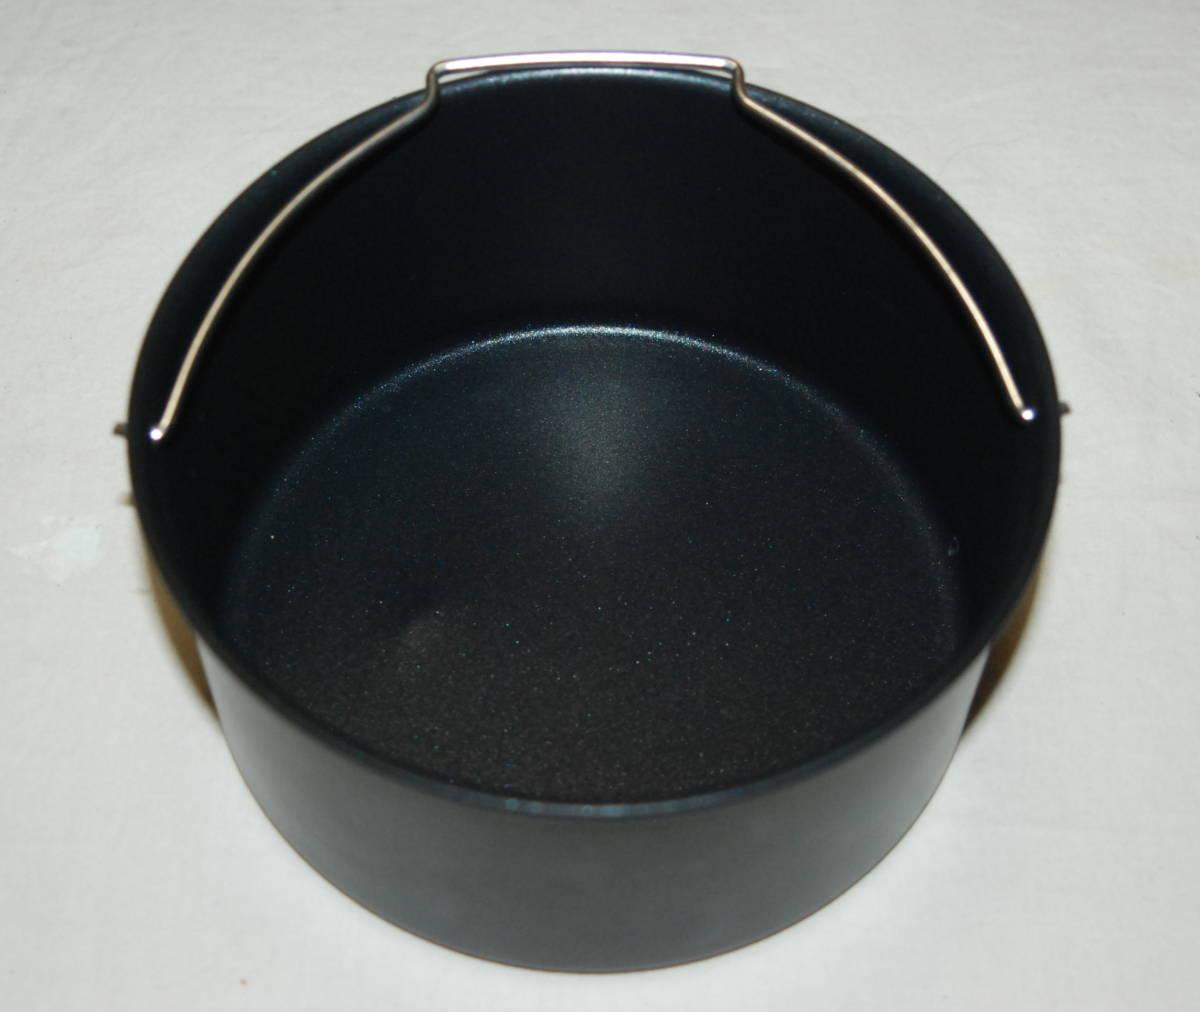 ほぼ未使用品 ショップジャパン カラーラ 熱風揚げ物調理機器 ノンフライヤー ノンオイルフライヤー Karalla 専用丸型鍋+レシピ付き_画像9